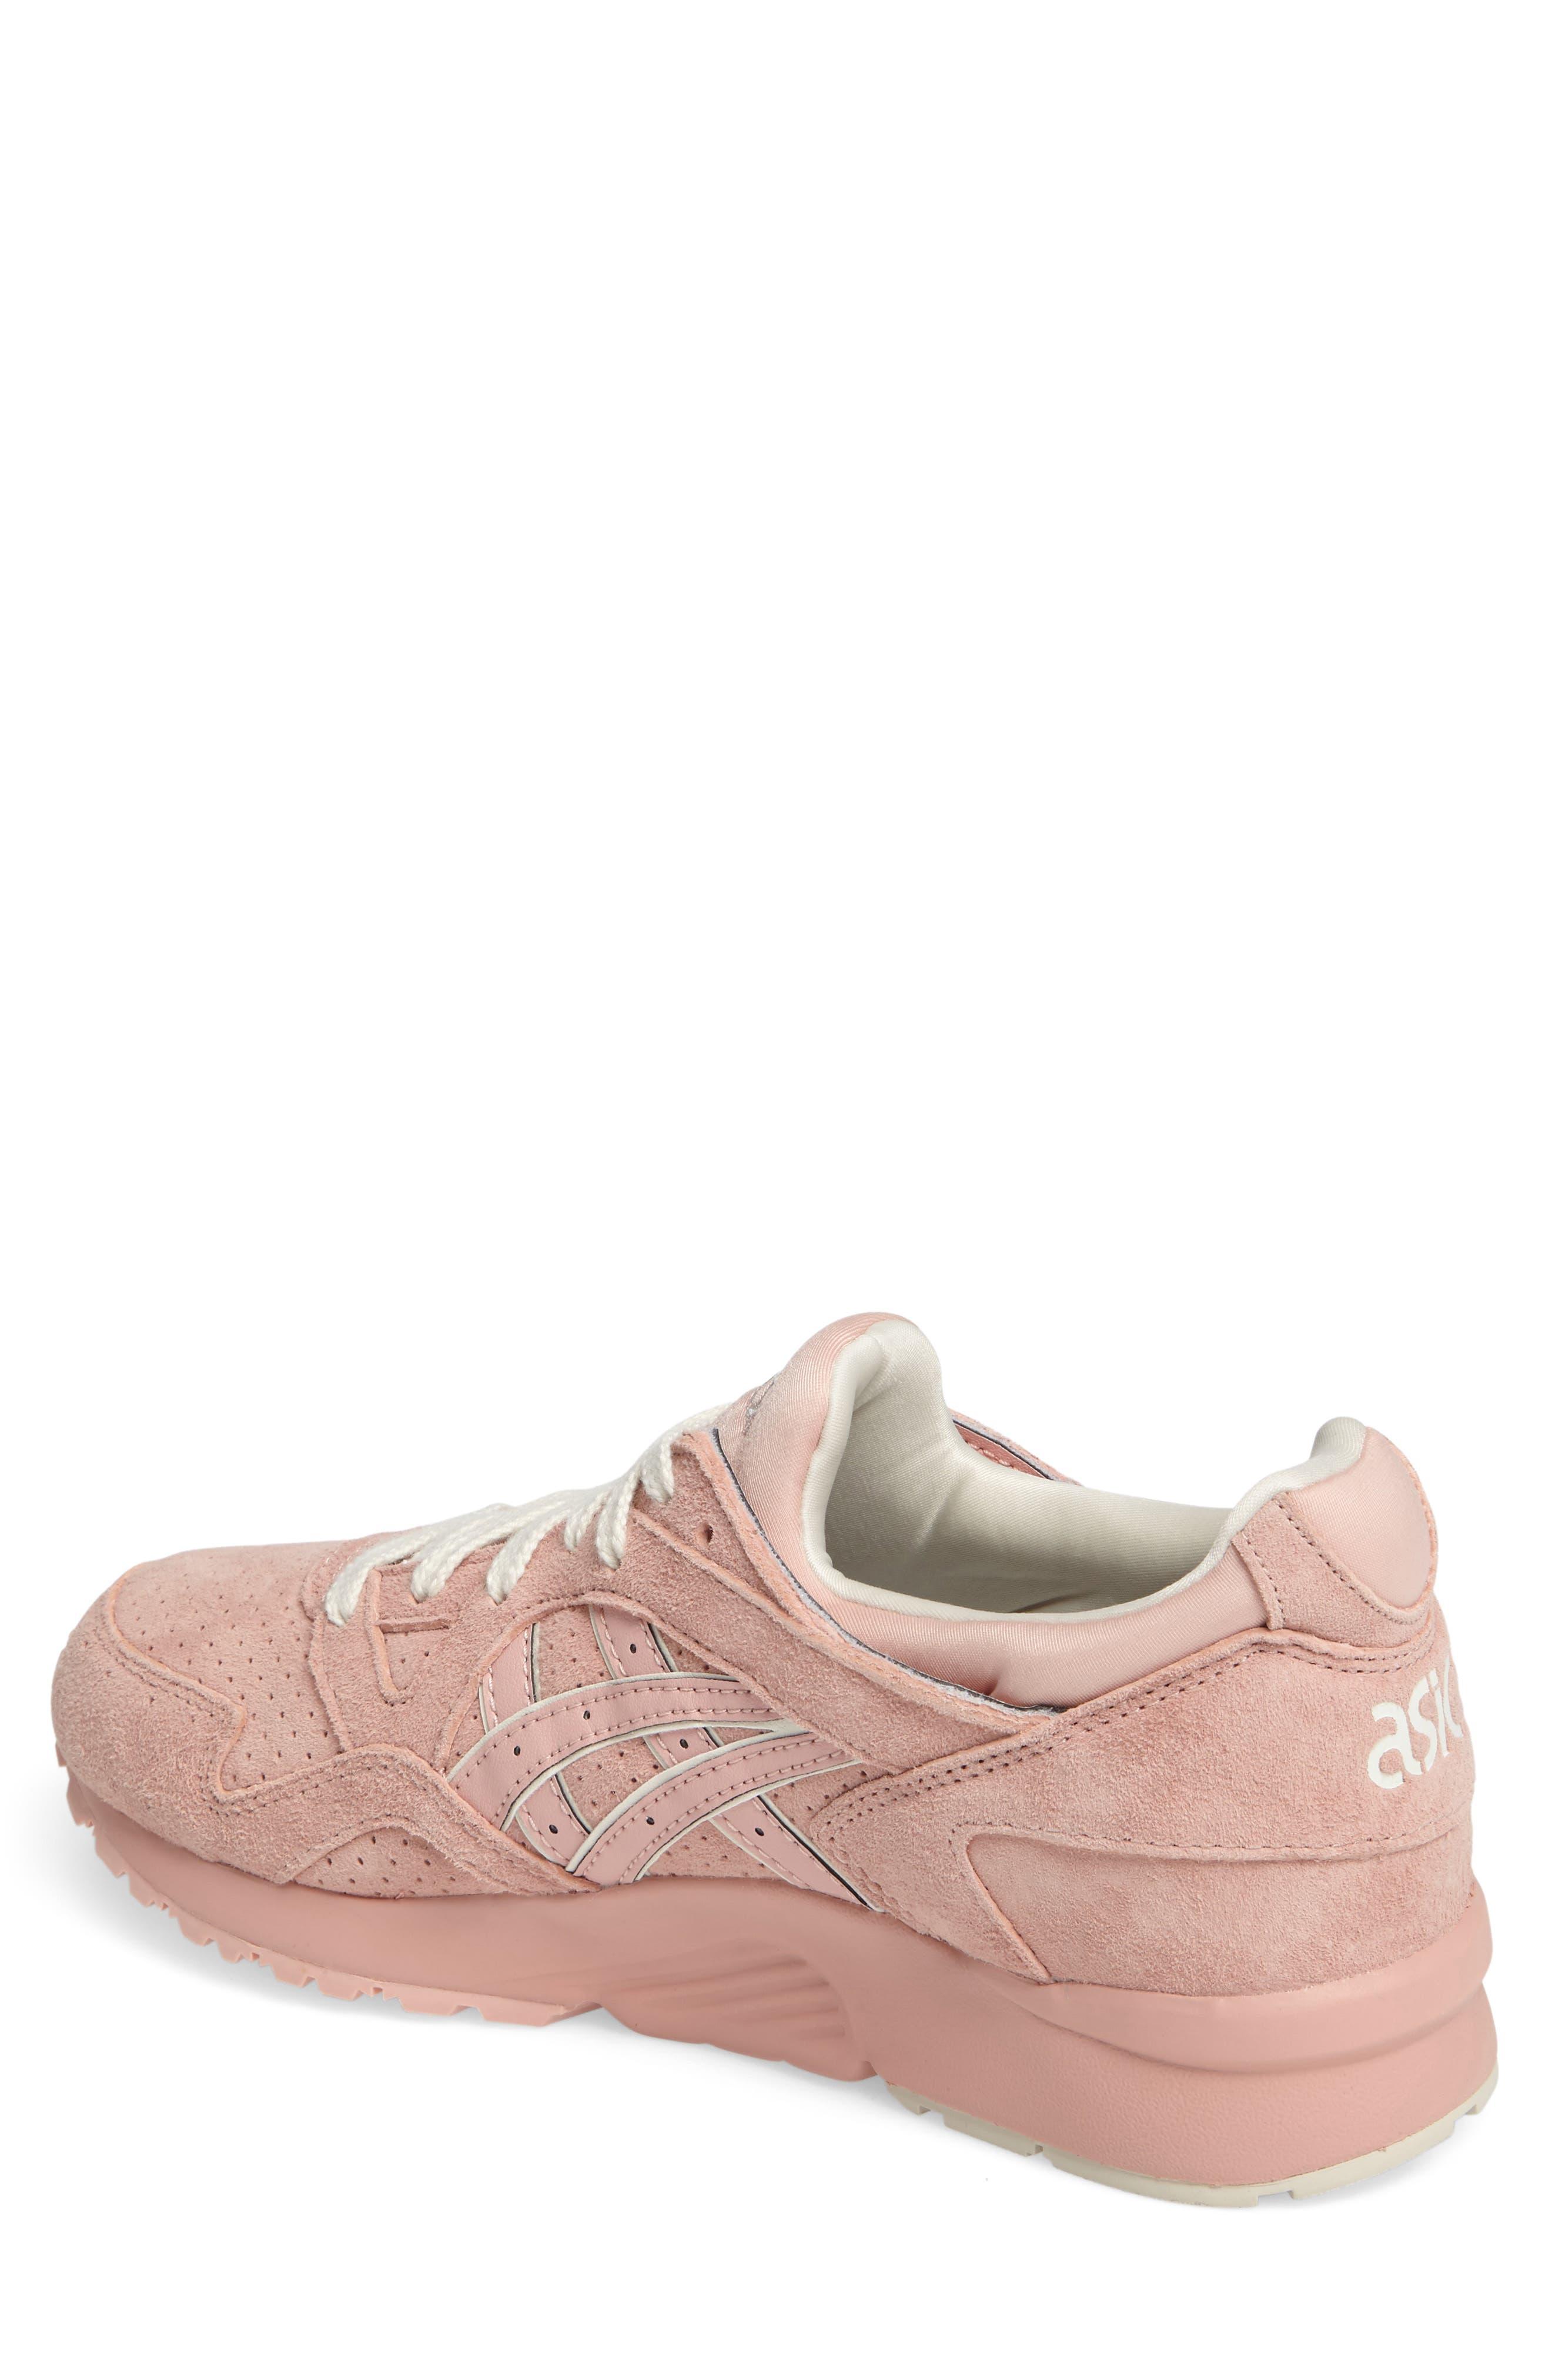 GEL-Lyte V Sneaker,                             Alternate thumbnail 2, color,                             658